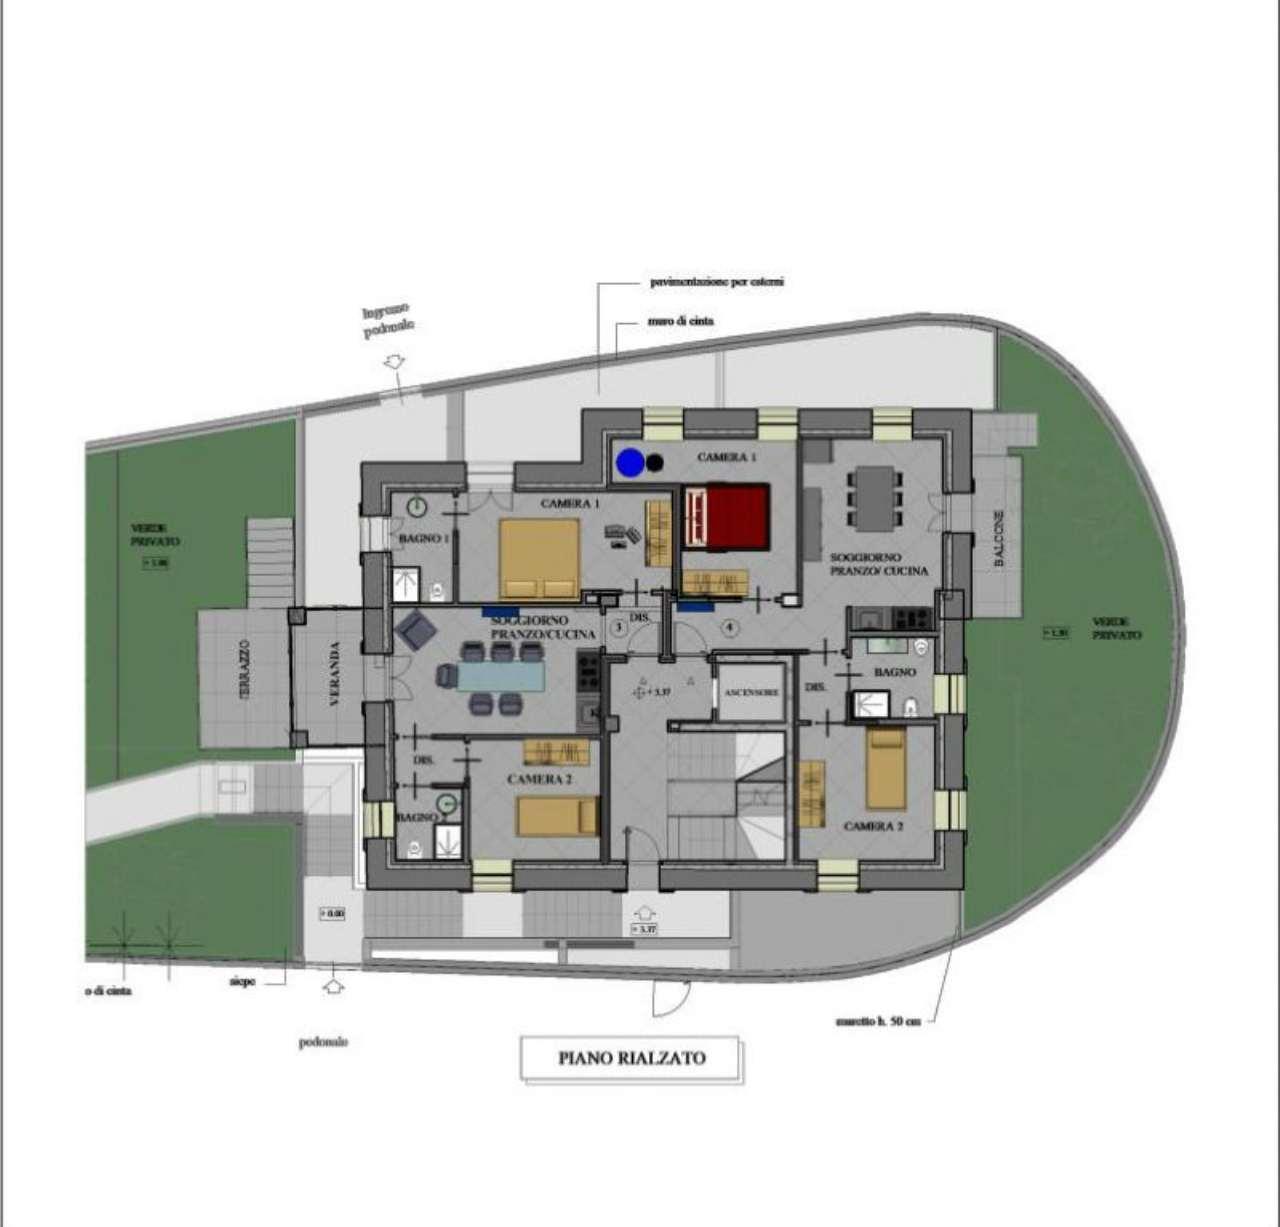 Appartamento in vendita a SanRemo, 3 locali, prezzo € 500.000 | Cambio Casa.it